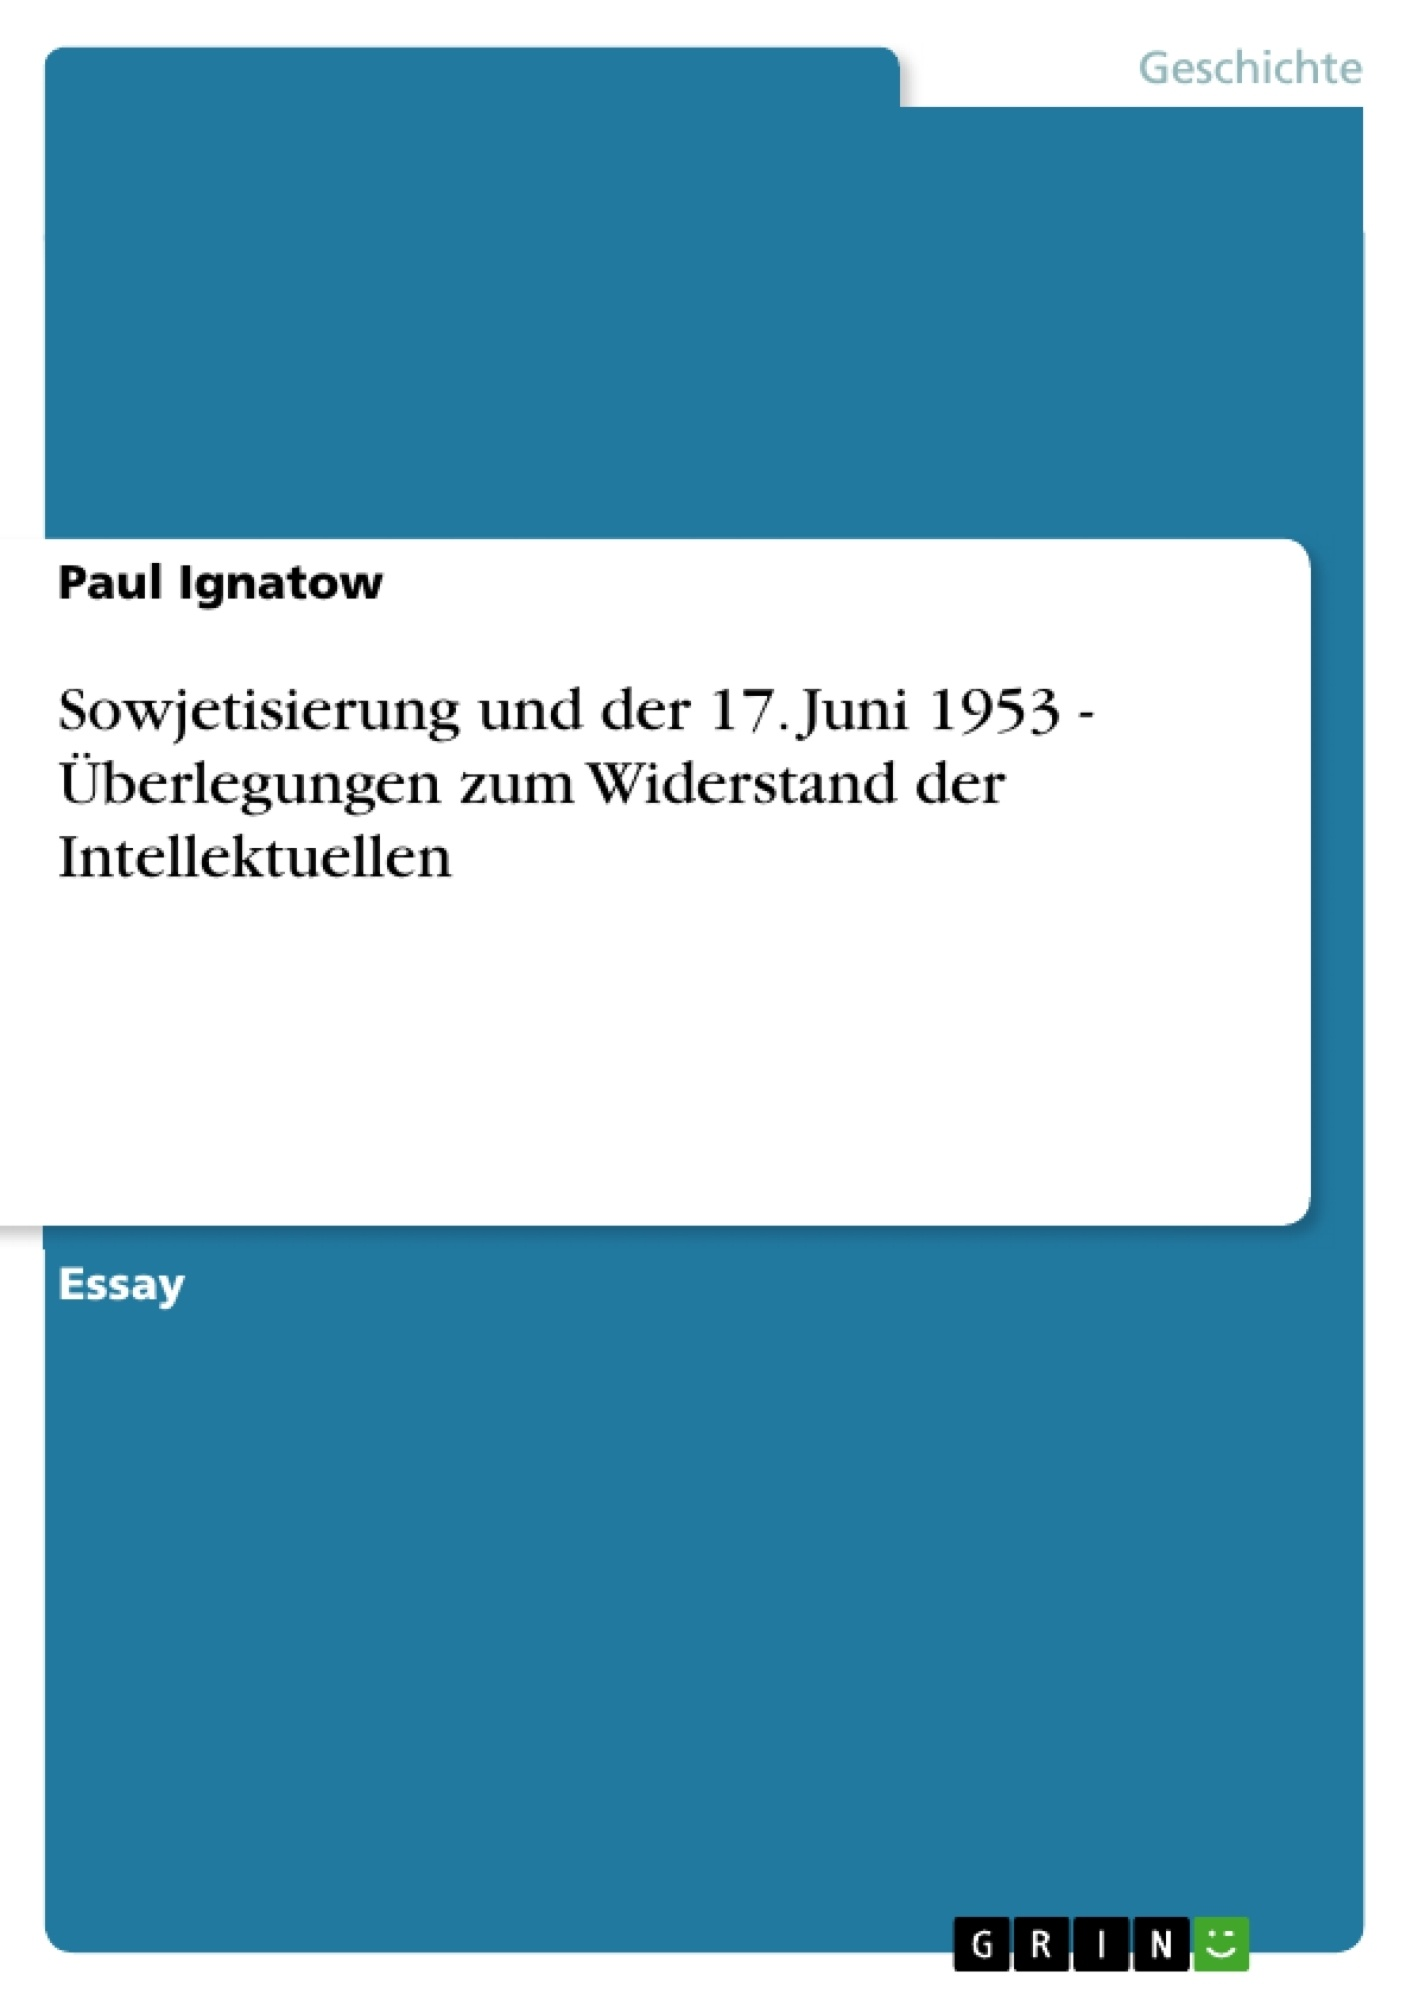 Titel: Sowjetisierung und der 17. Juni 1953 - Überlegungen zum Widerstand der Intellektuellen